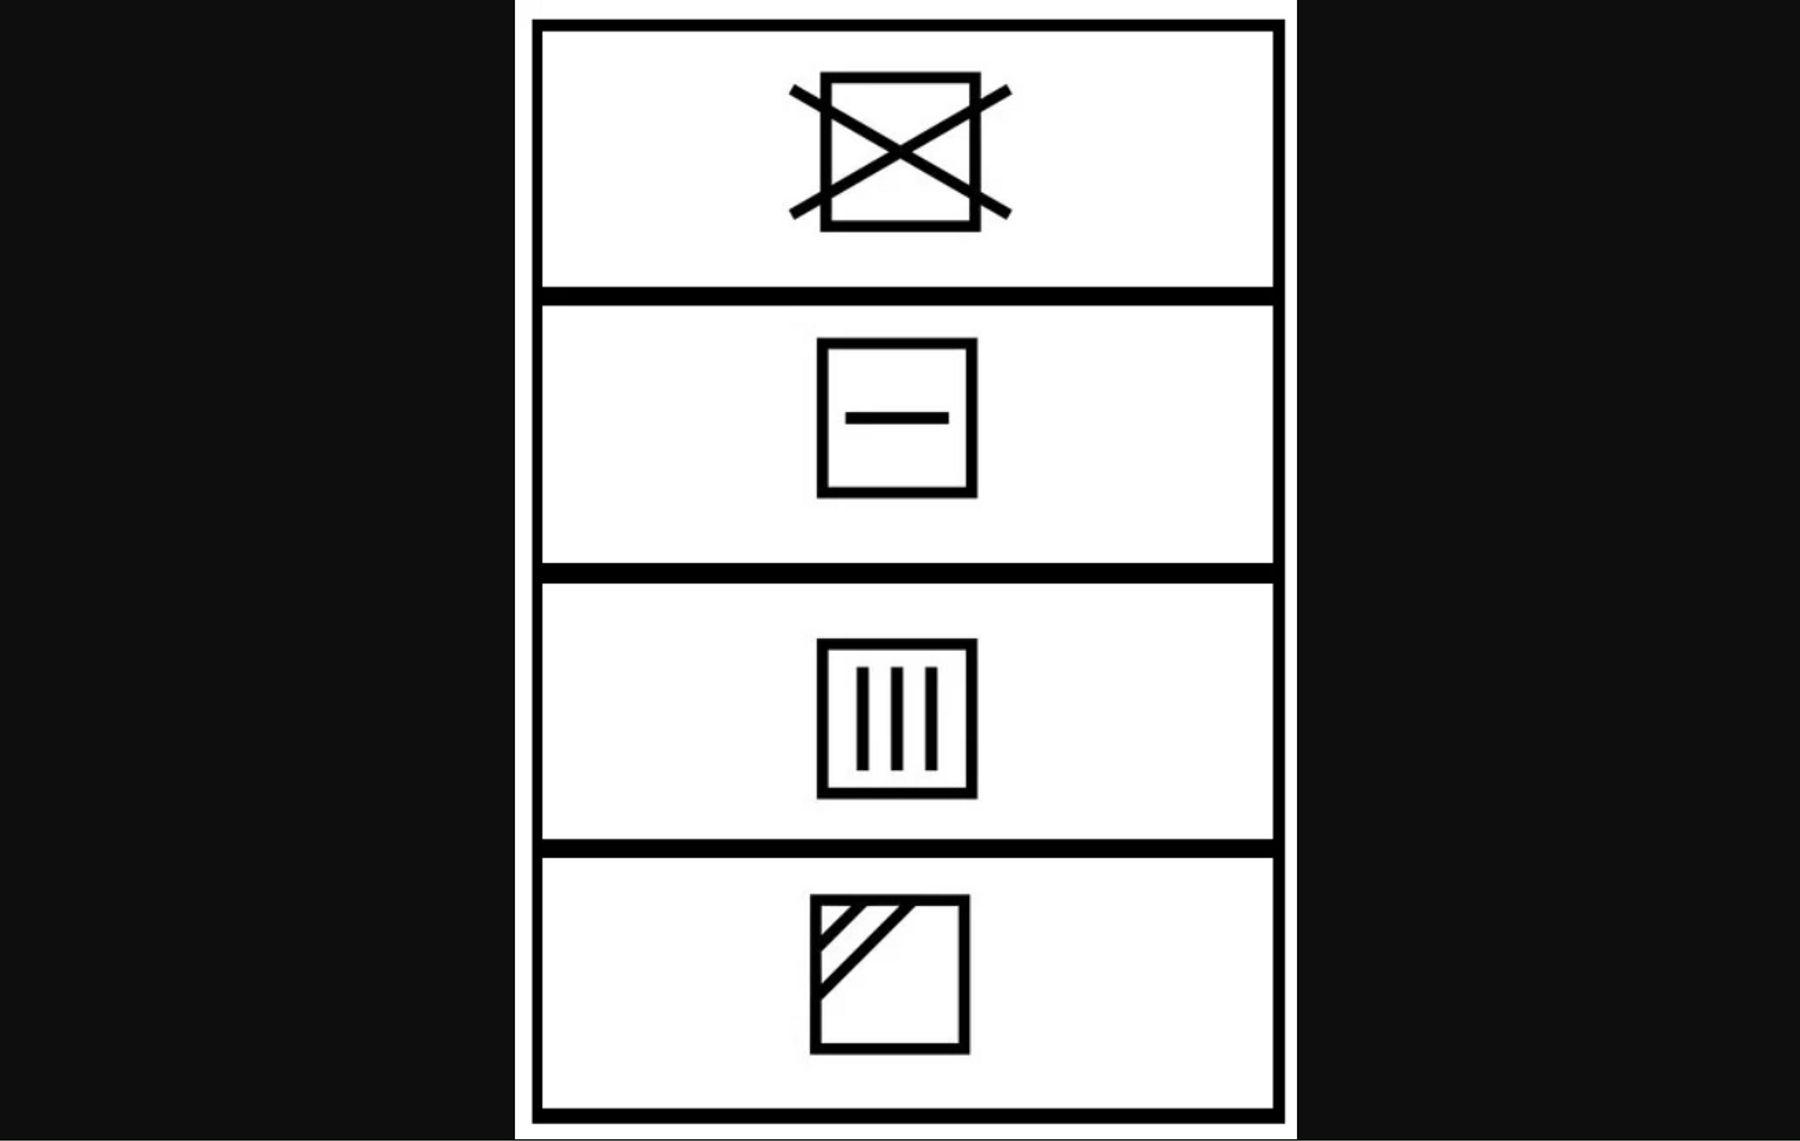 Nhãn mác chứa các ký hiệu trên quần áo về việc phơi